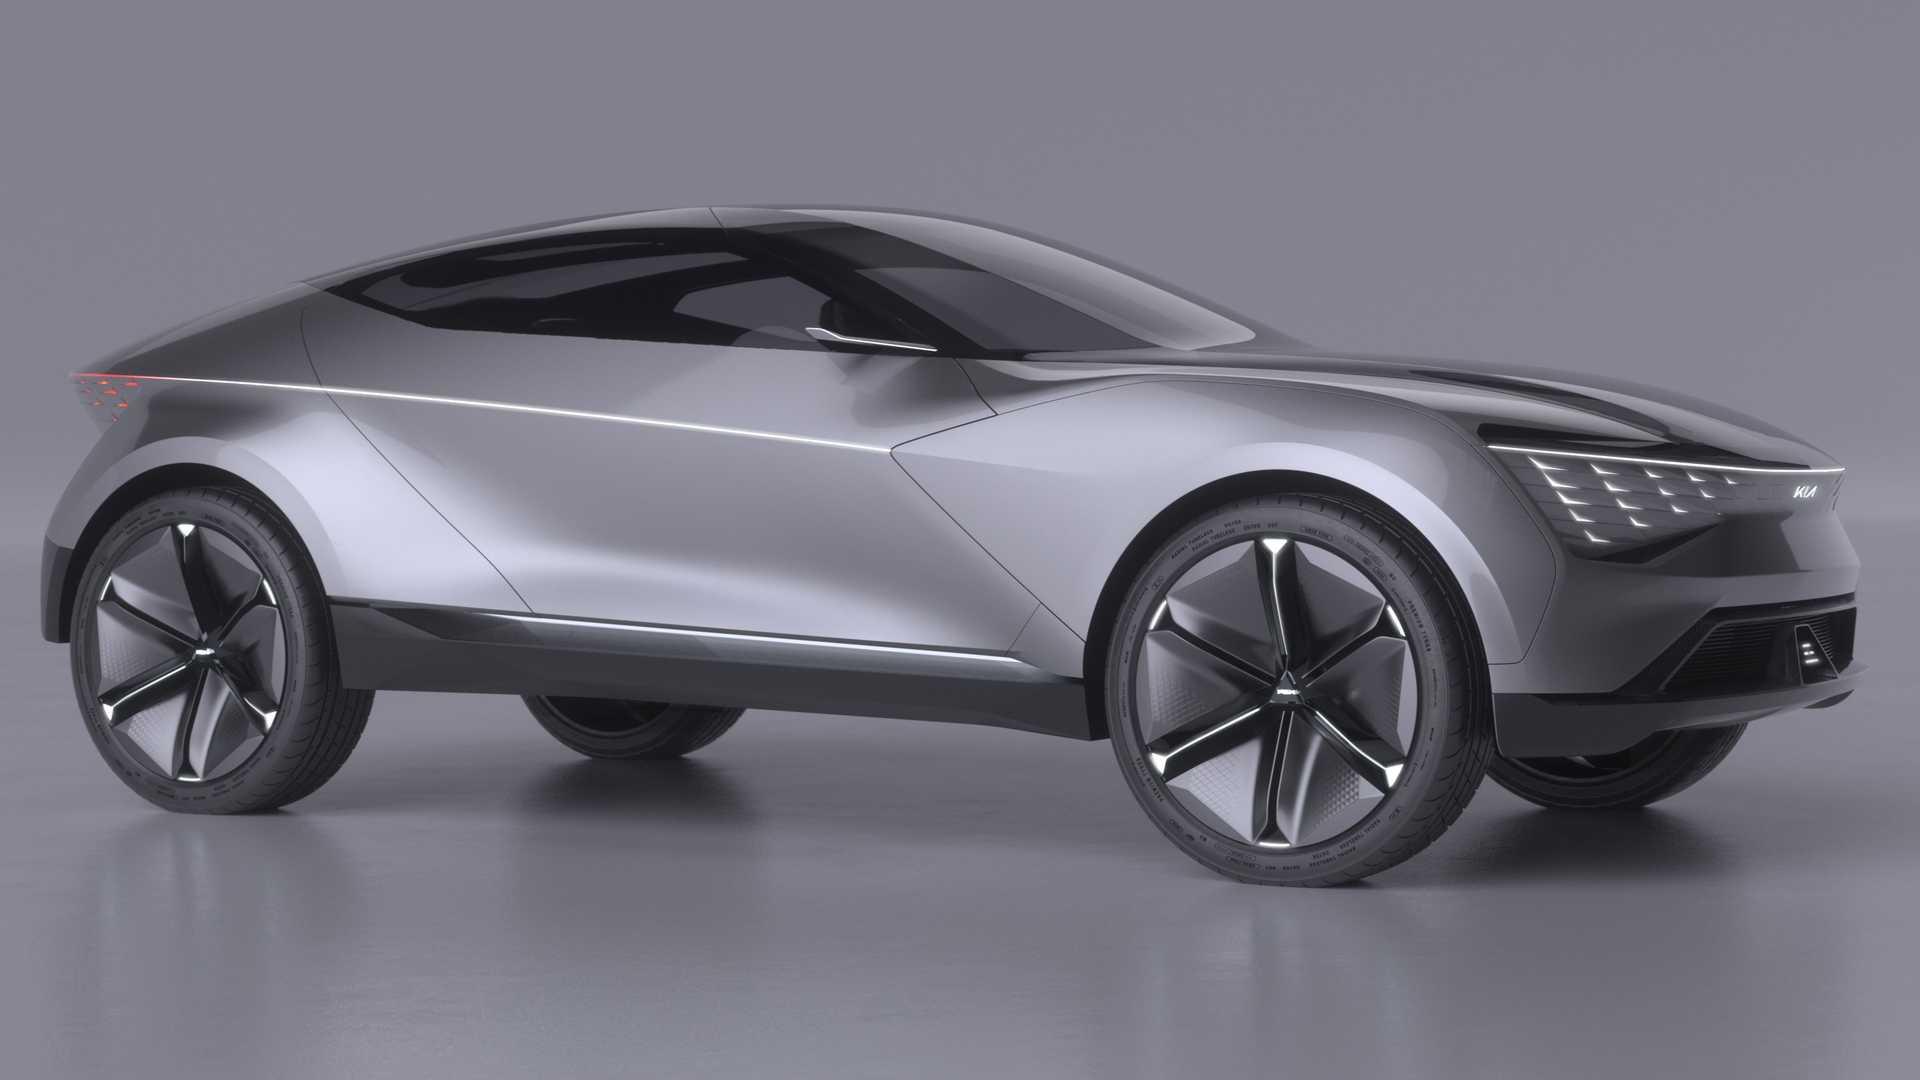 КІА представила концепт електрокара Futuron з лежачими кріслами